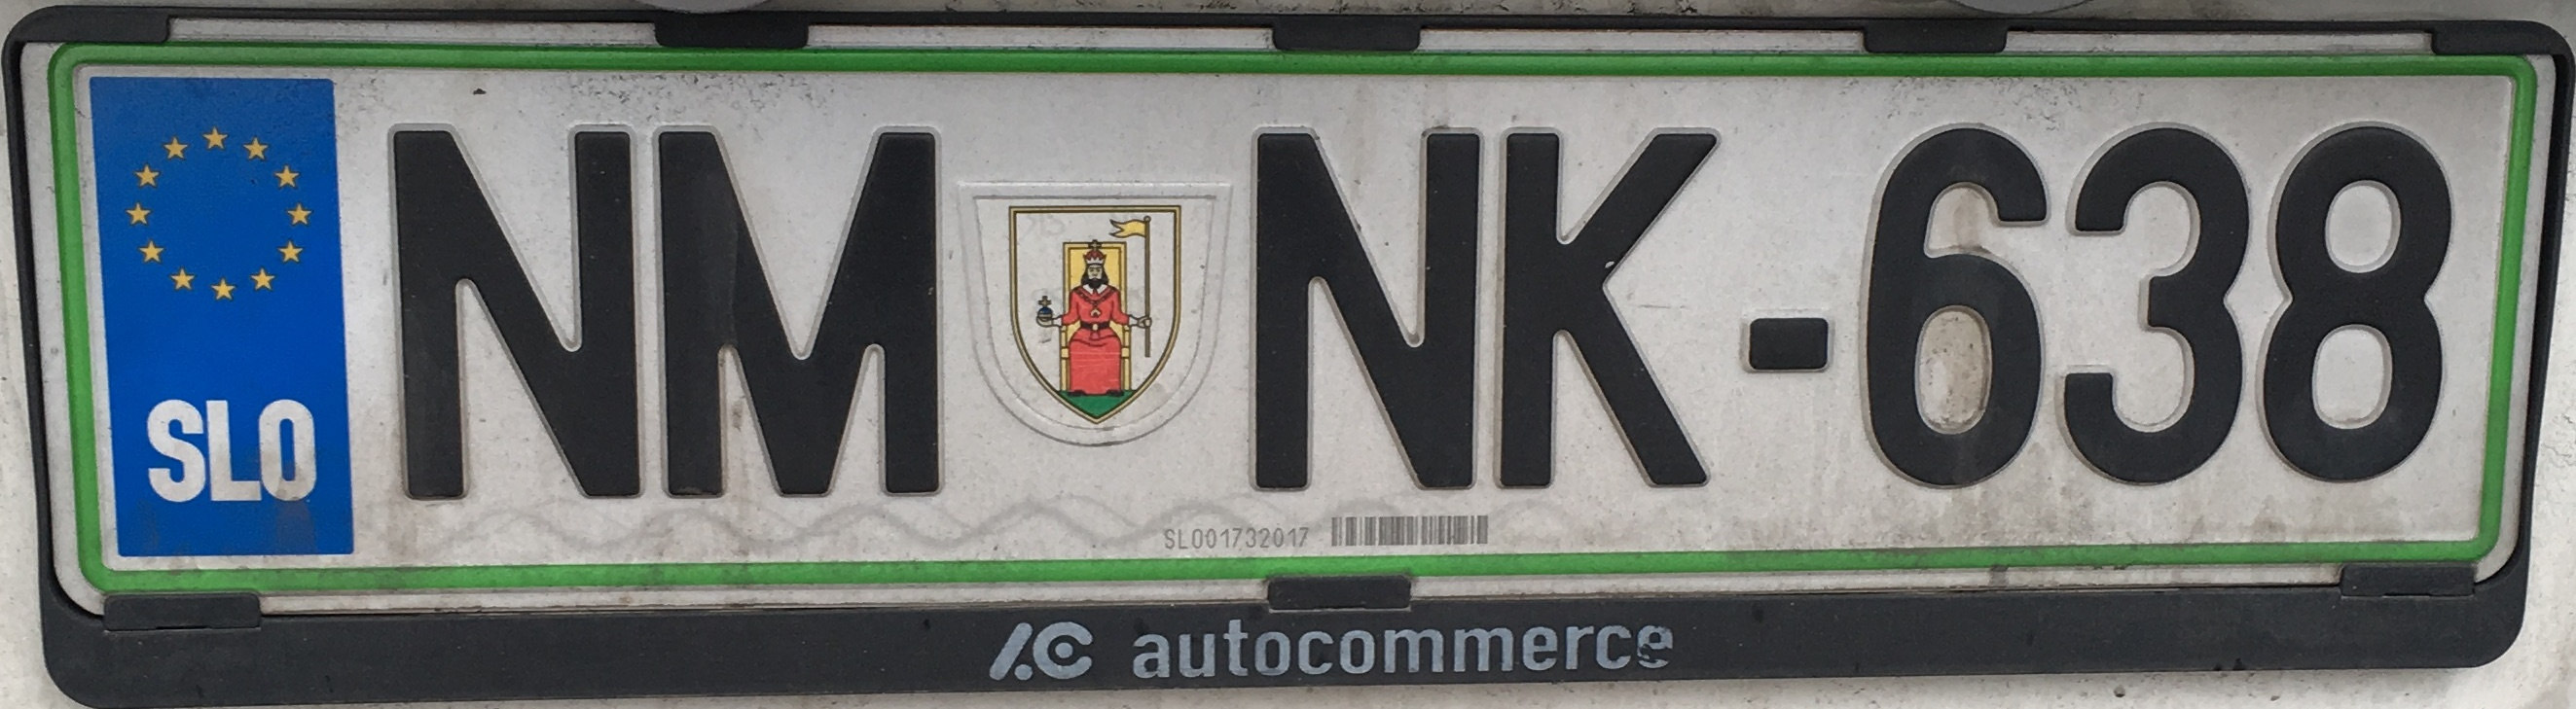 Registrační značka Slovinsko -NM - Novo Mesto, foto: www.podalnici.cz